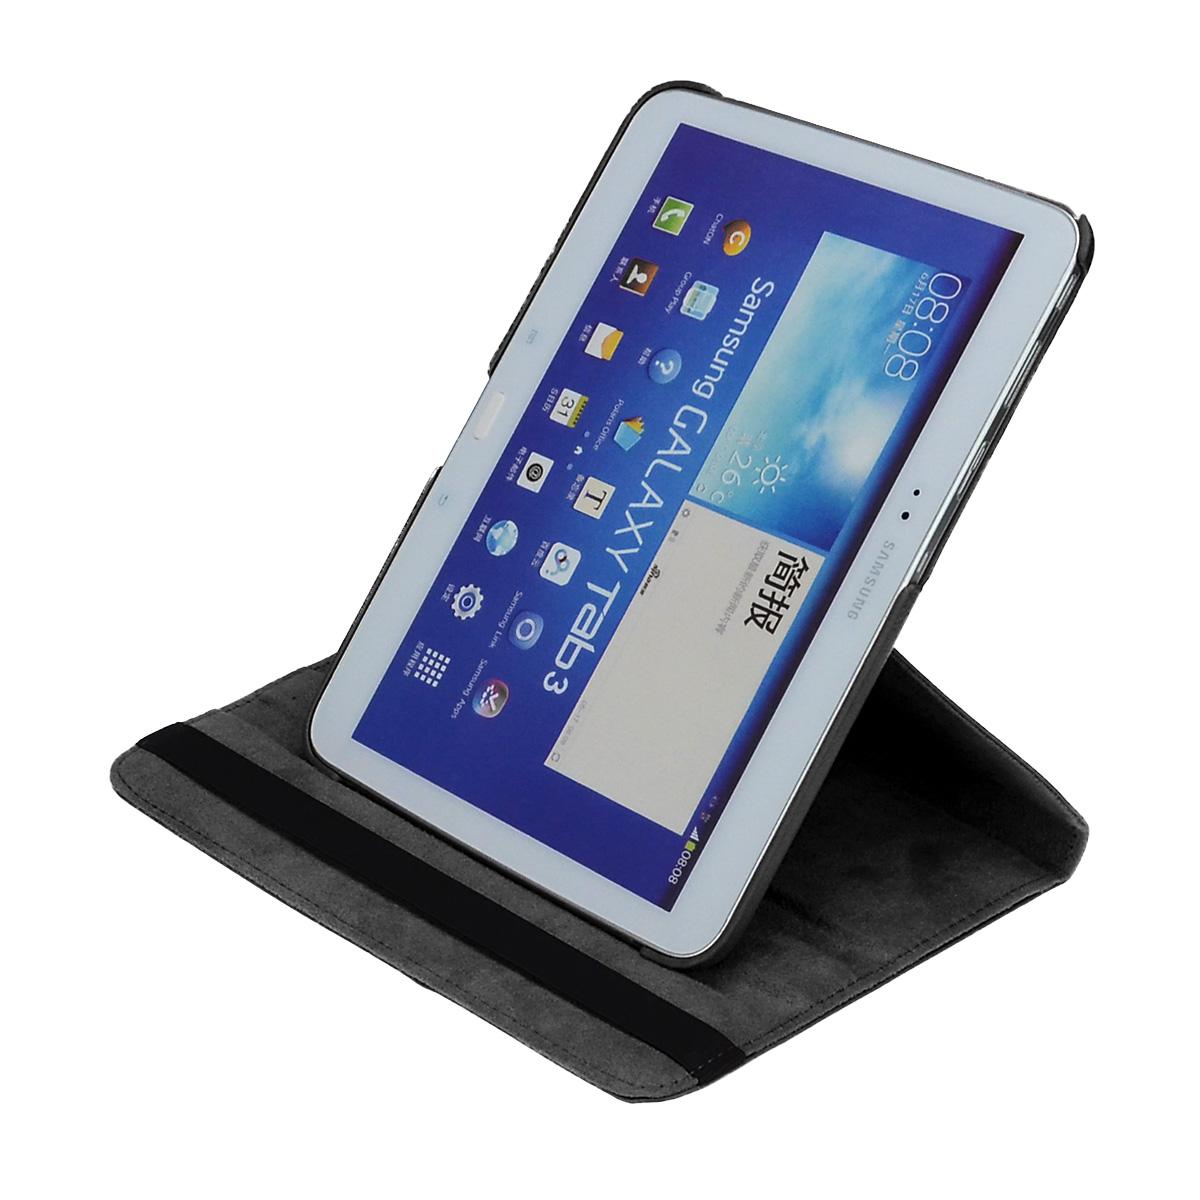 360-drehbar-Huelle-Samsung-Tab-E-9-6-Schutz-Cover-Case-Tasche-Etui-Staender-Folie Indexbild 10